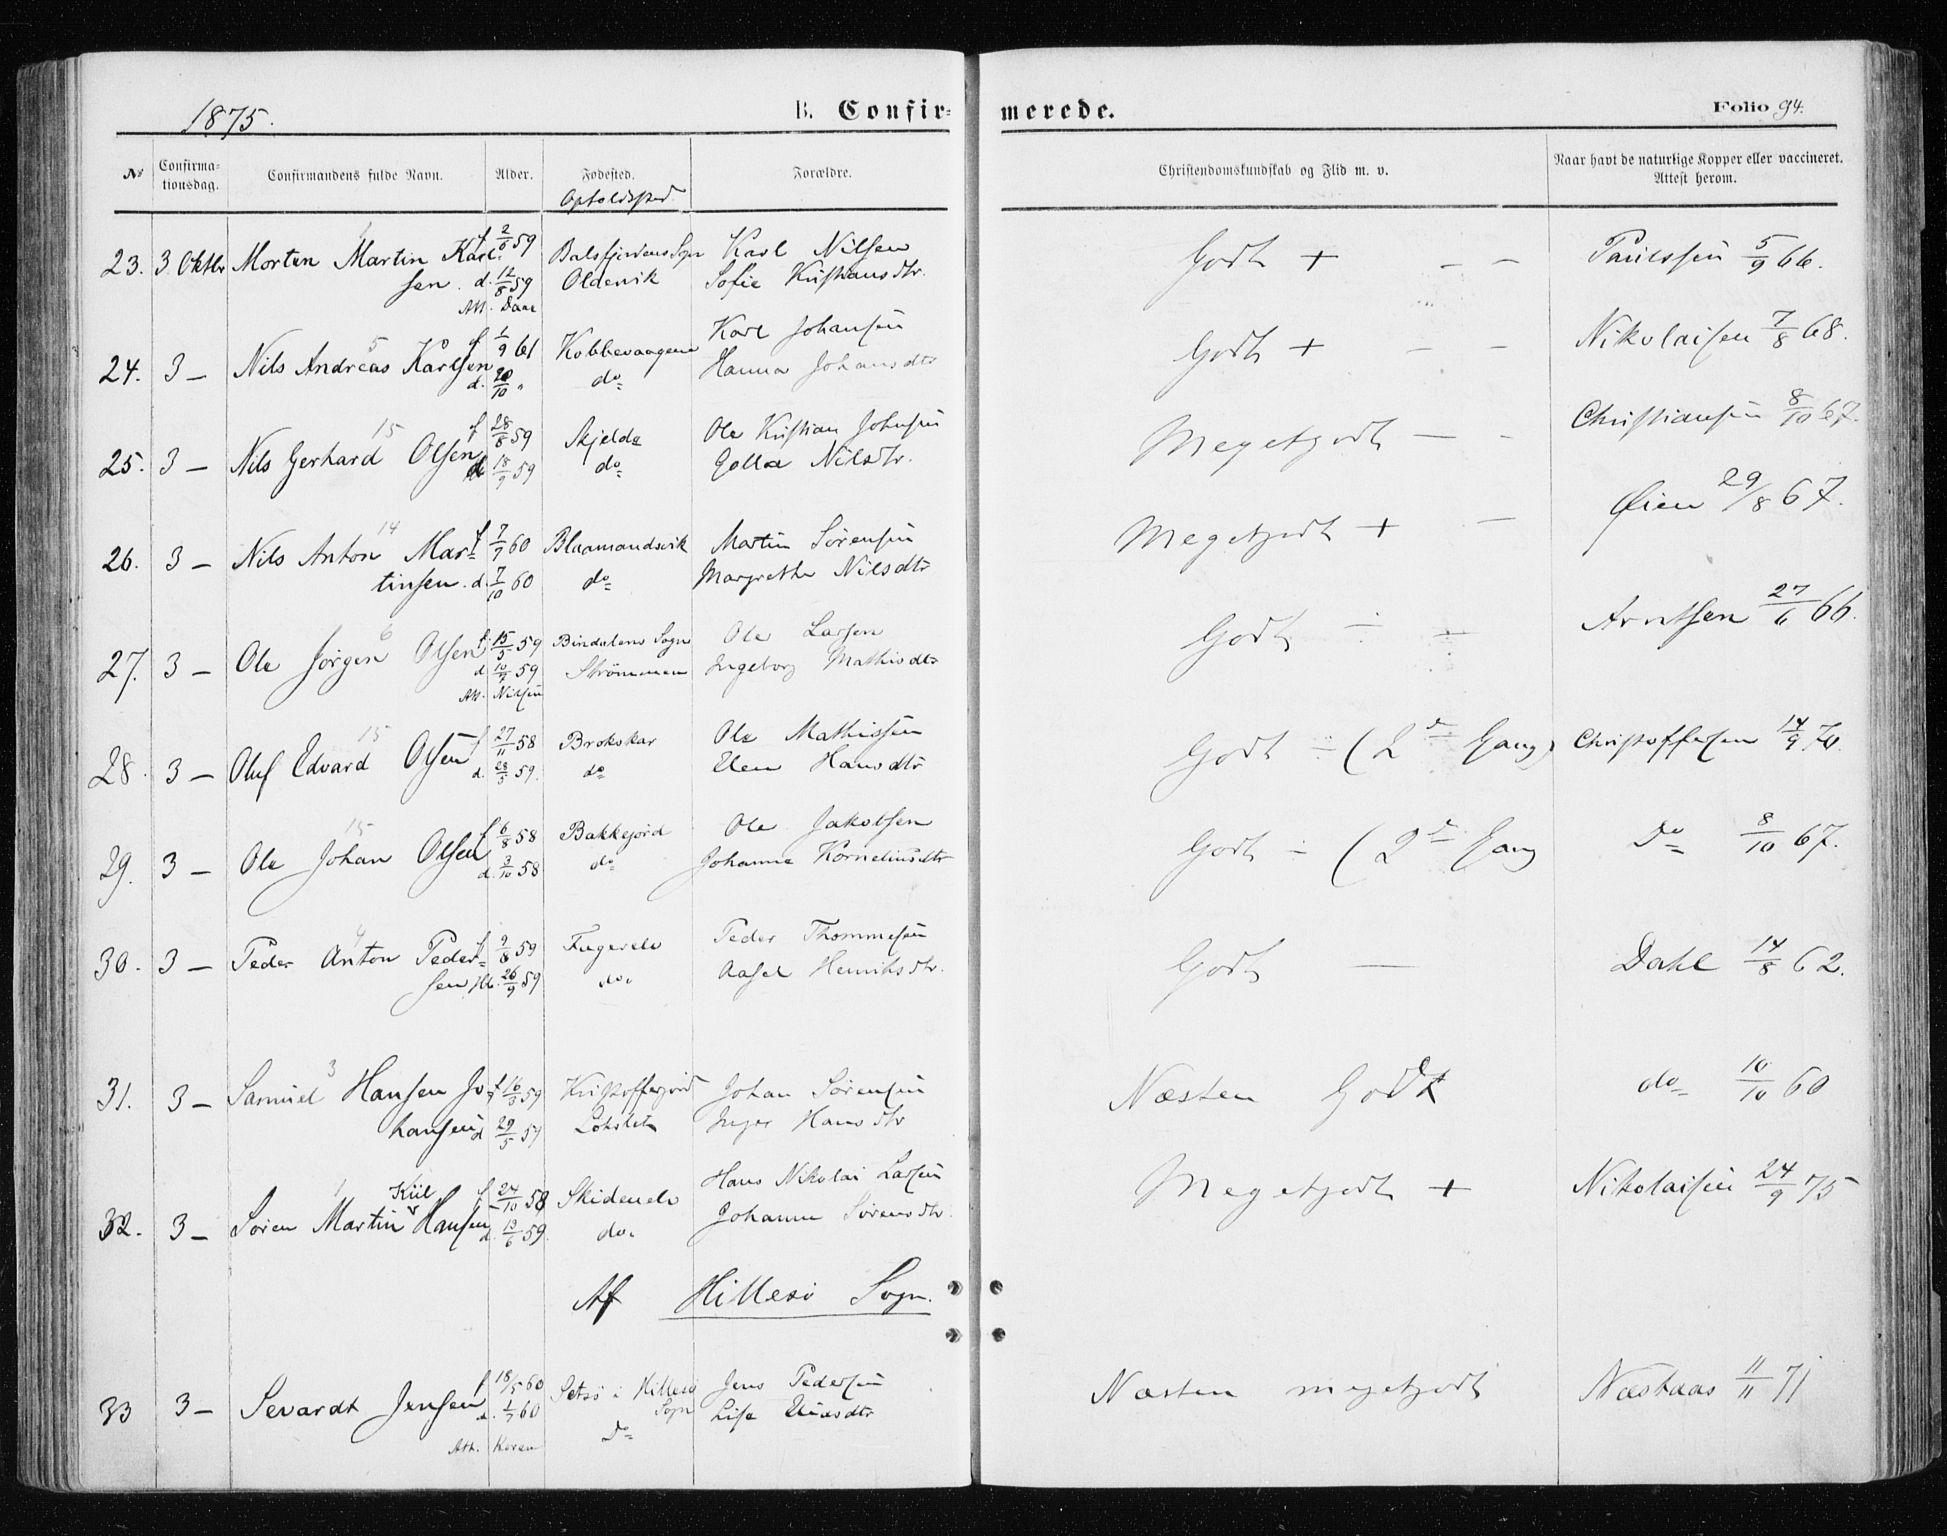 SATØ, Tromsøysund sokneprestkontor, G/Ga/L0003kirke: Ministerialbok nr. 3, 1875-1880, s. 94